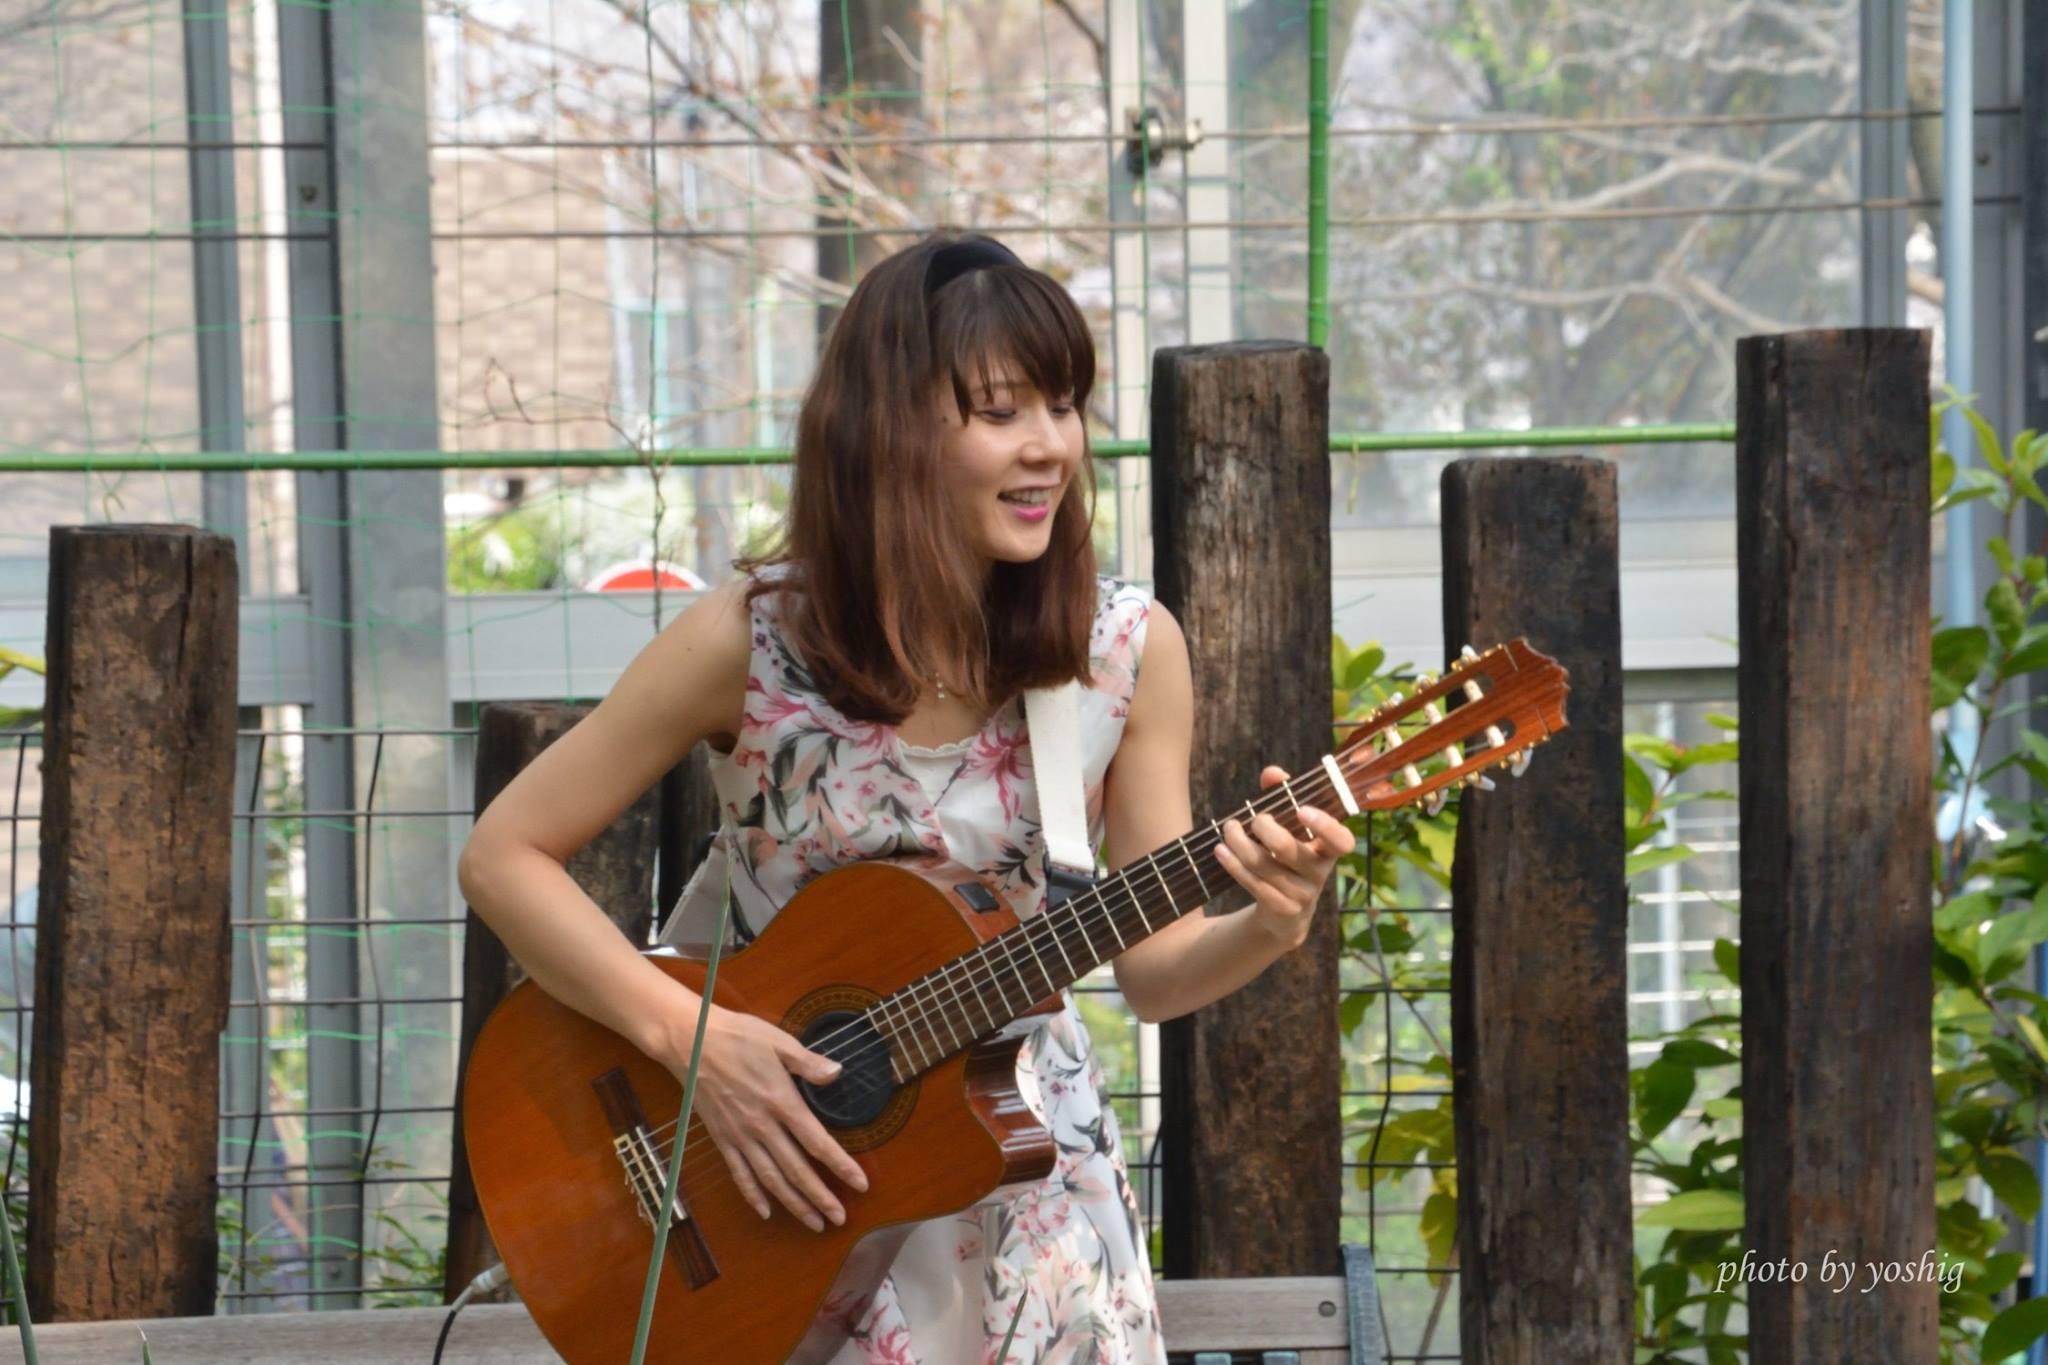 戸田川緑地 さくらまつり出演、ありがとうございました!_f0373339_12490082.jpg